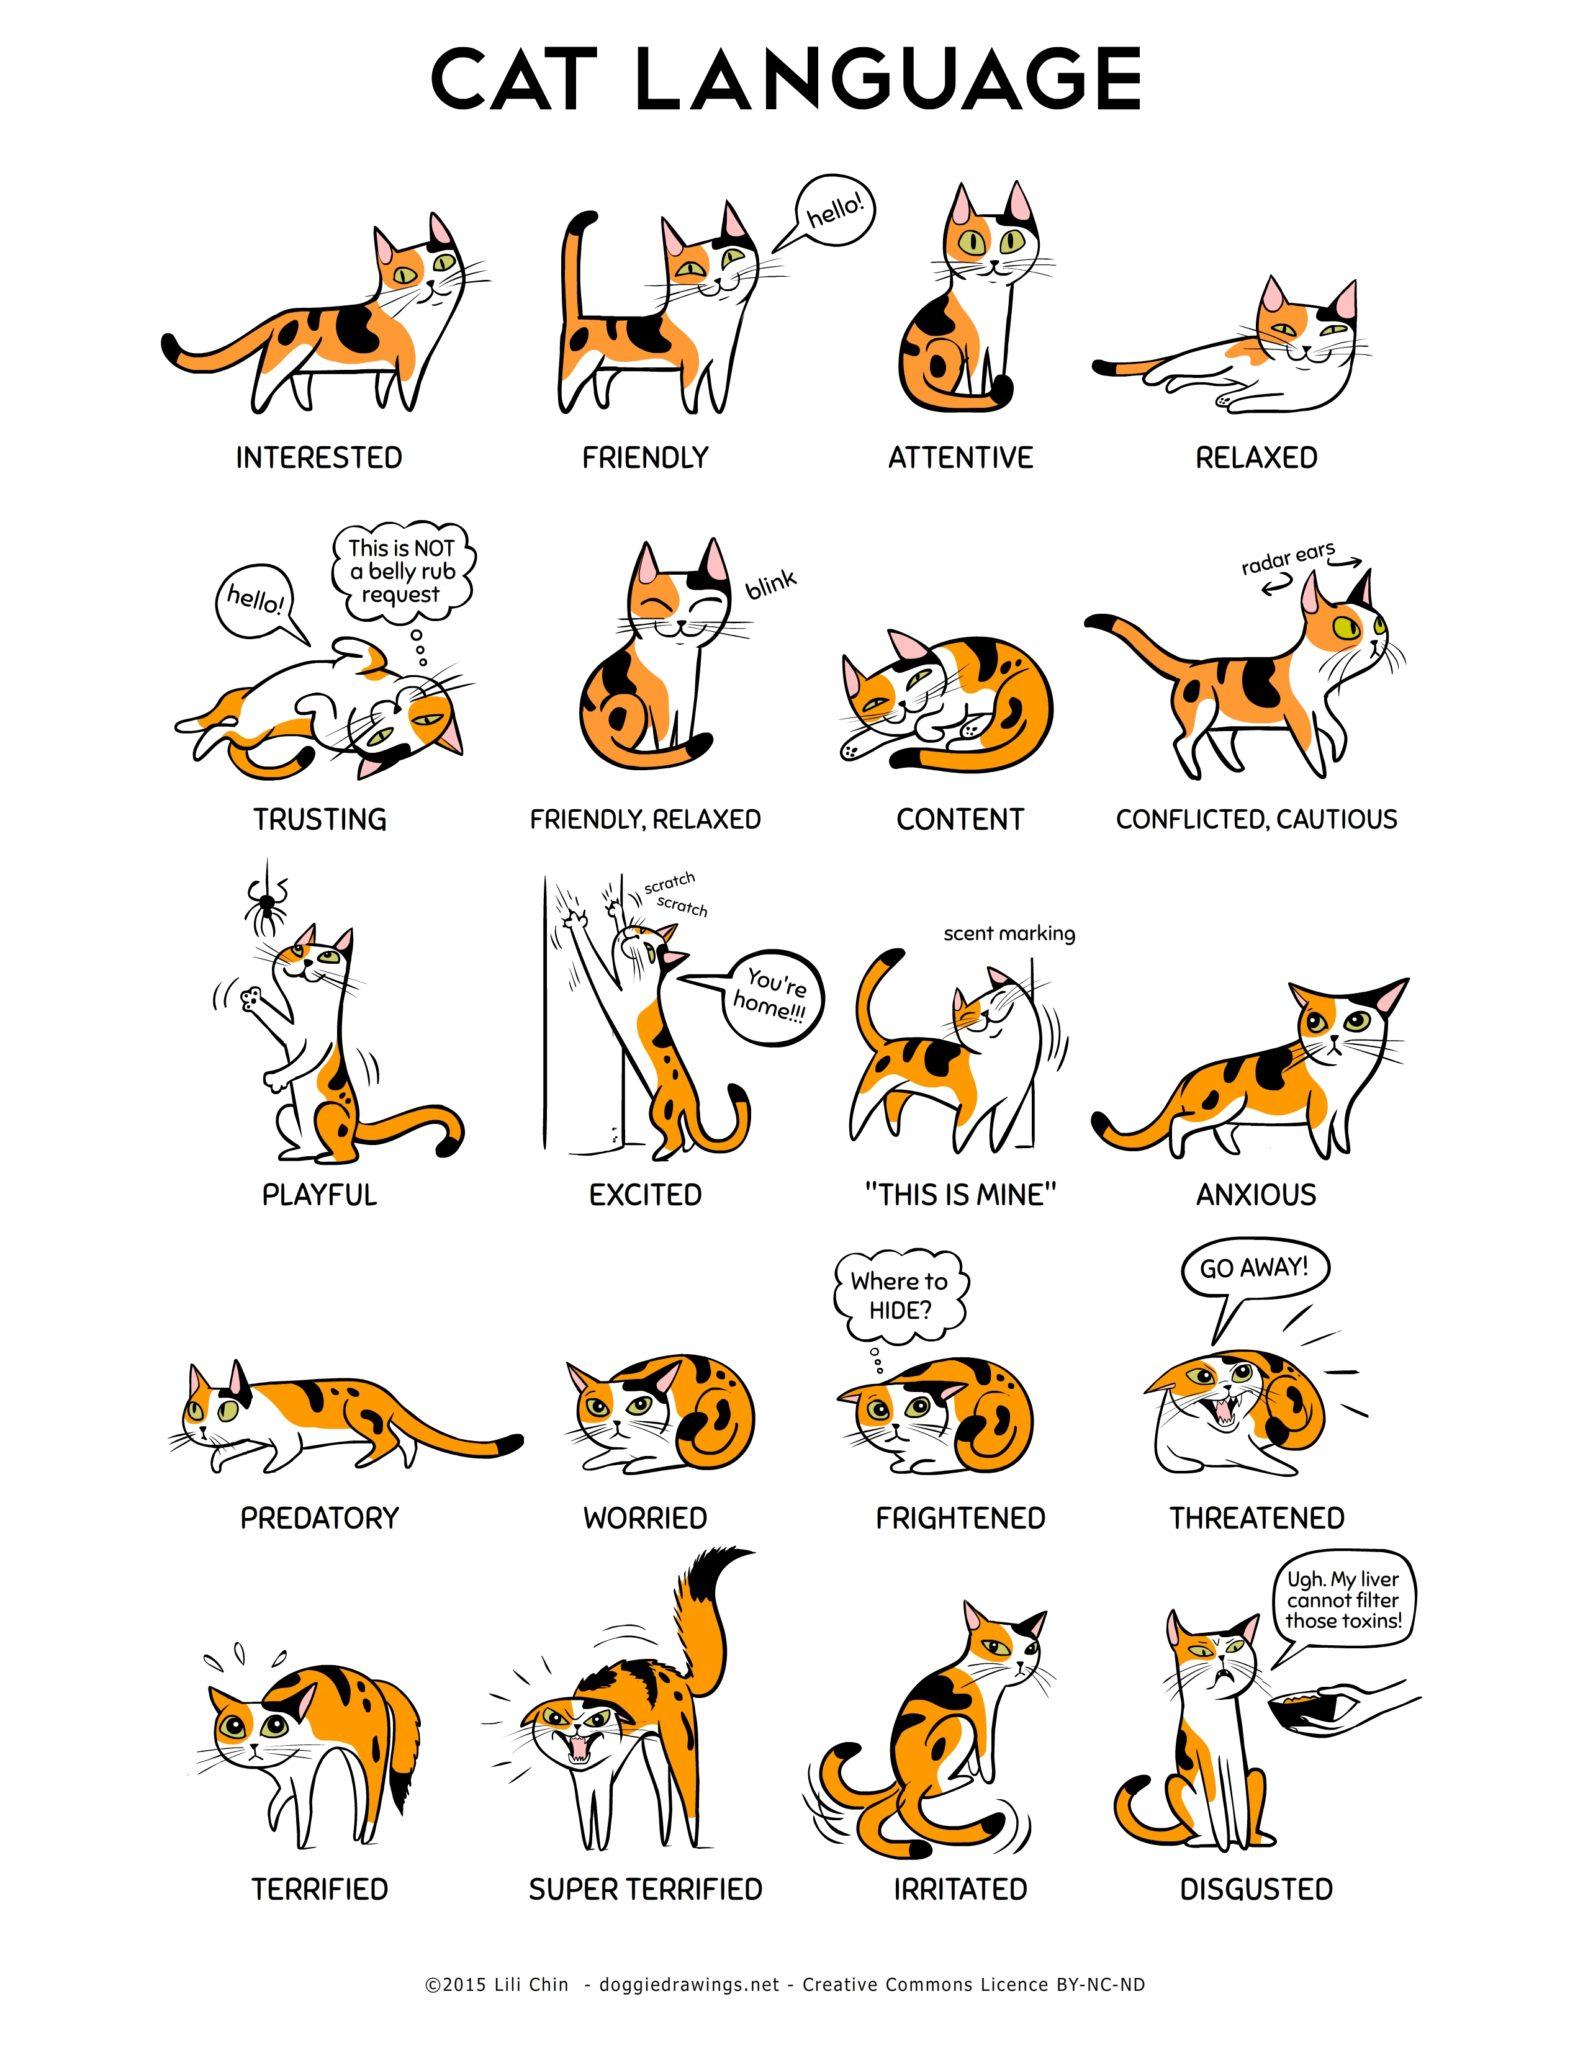 Il linguaggio della coda del gatto